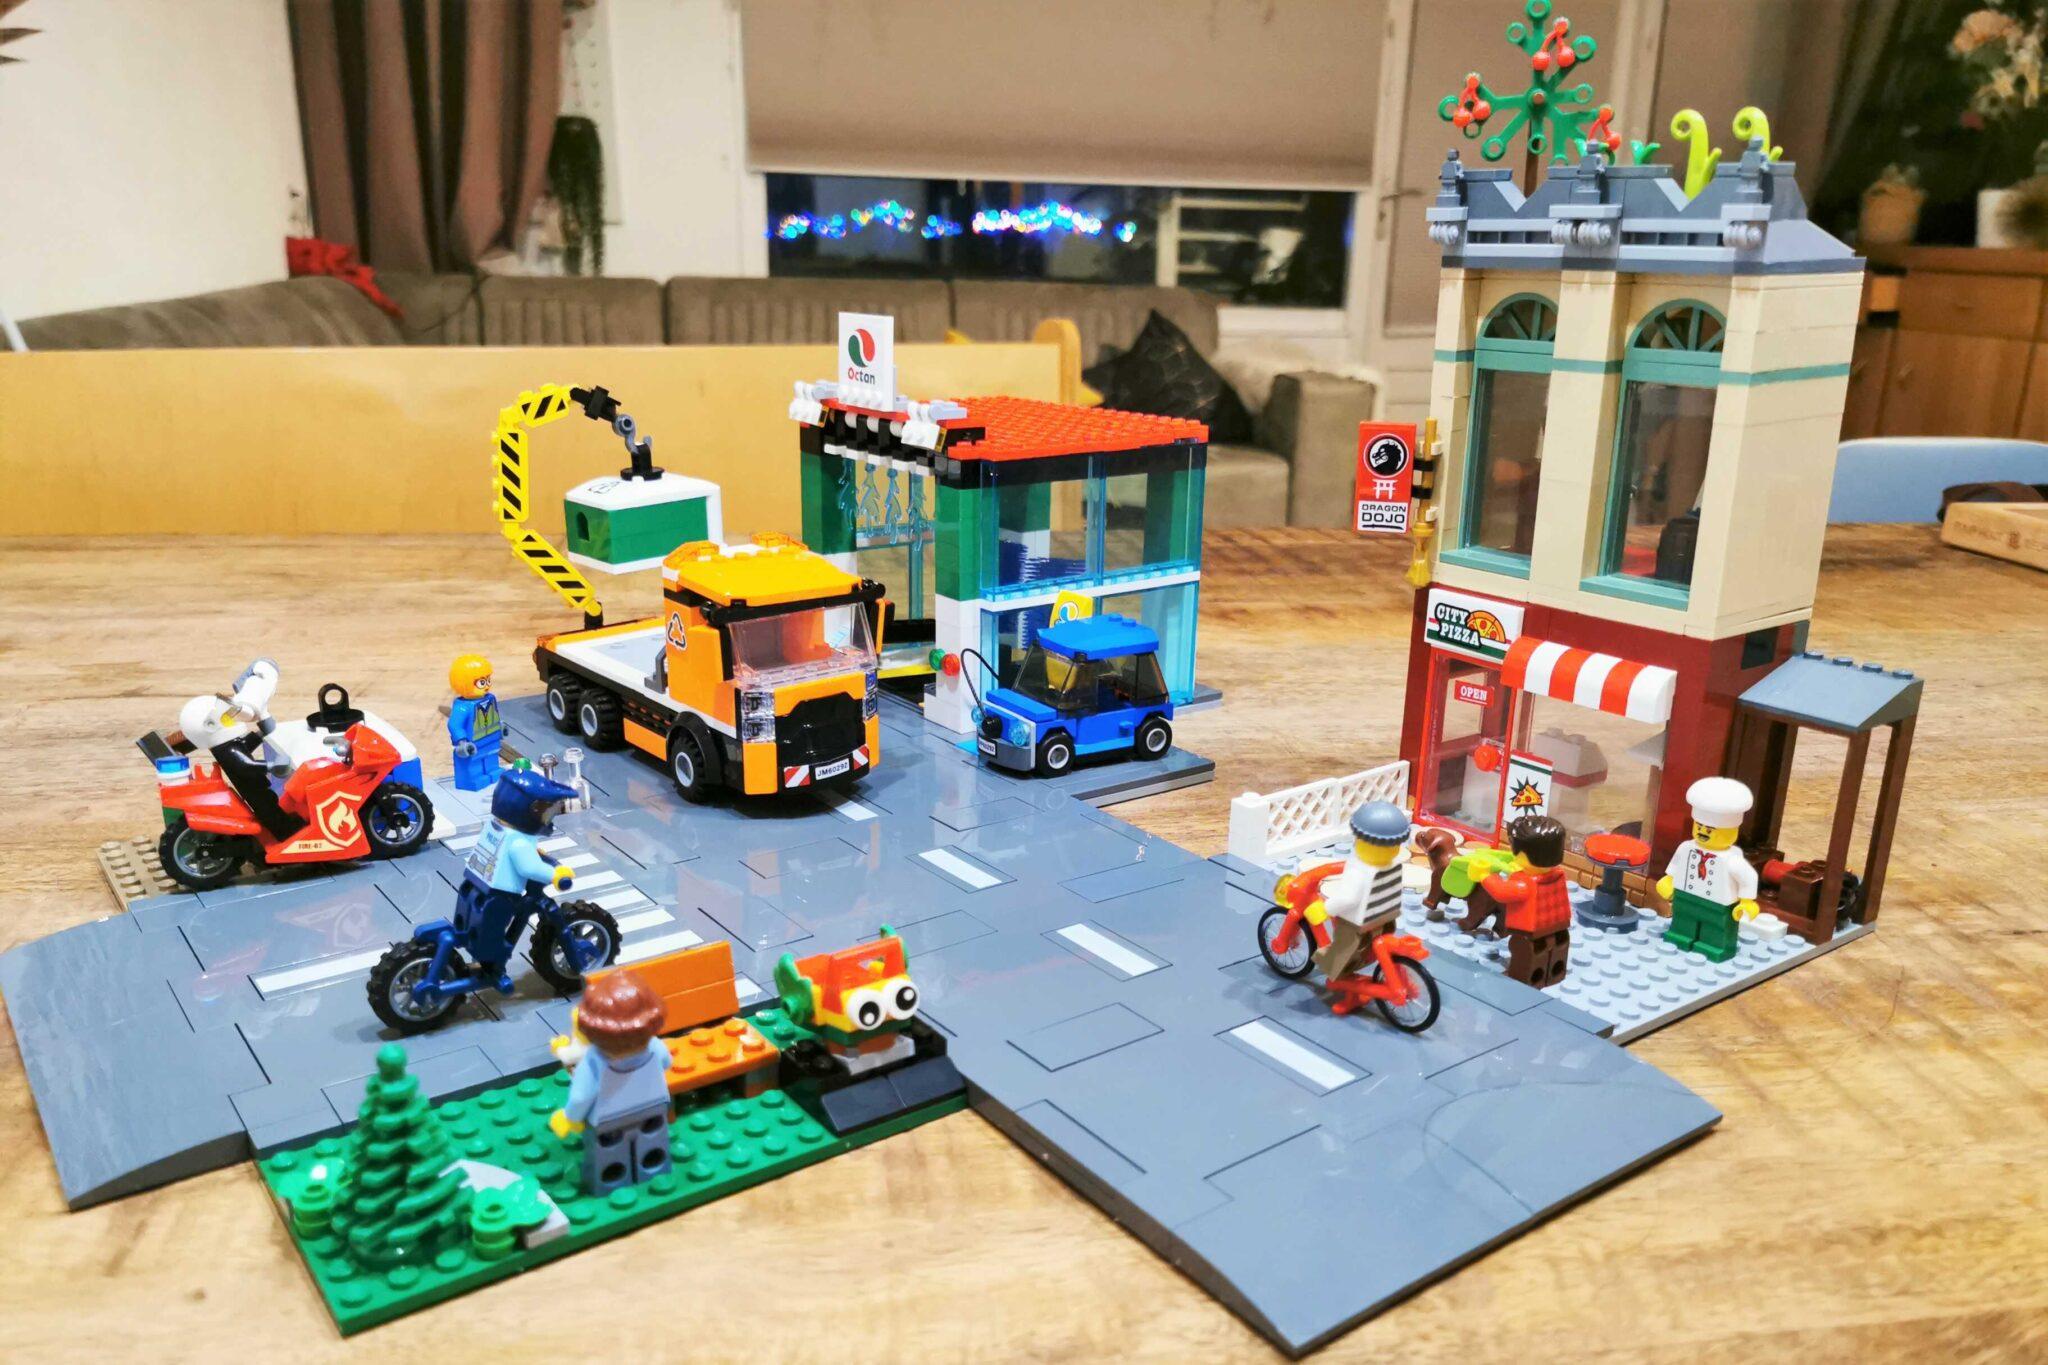 Nieuw: LEGO City speelsets voor nog meer avontuurlijk spel - Mamaliefde.nl